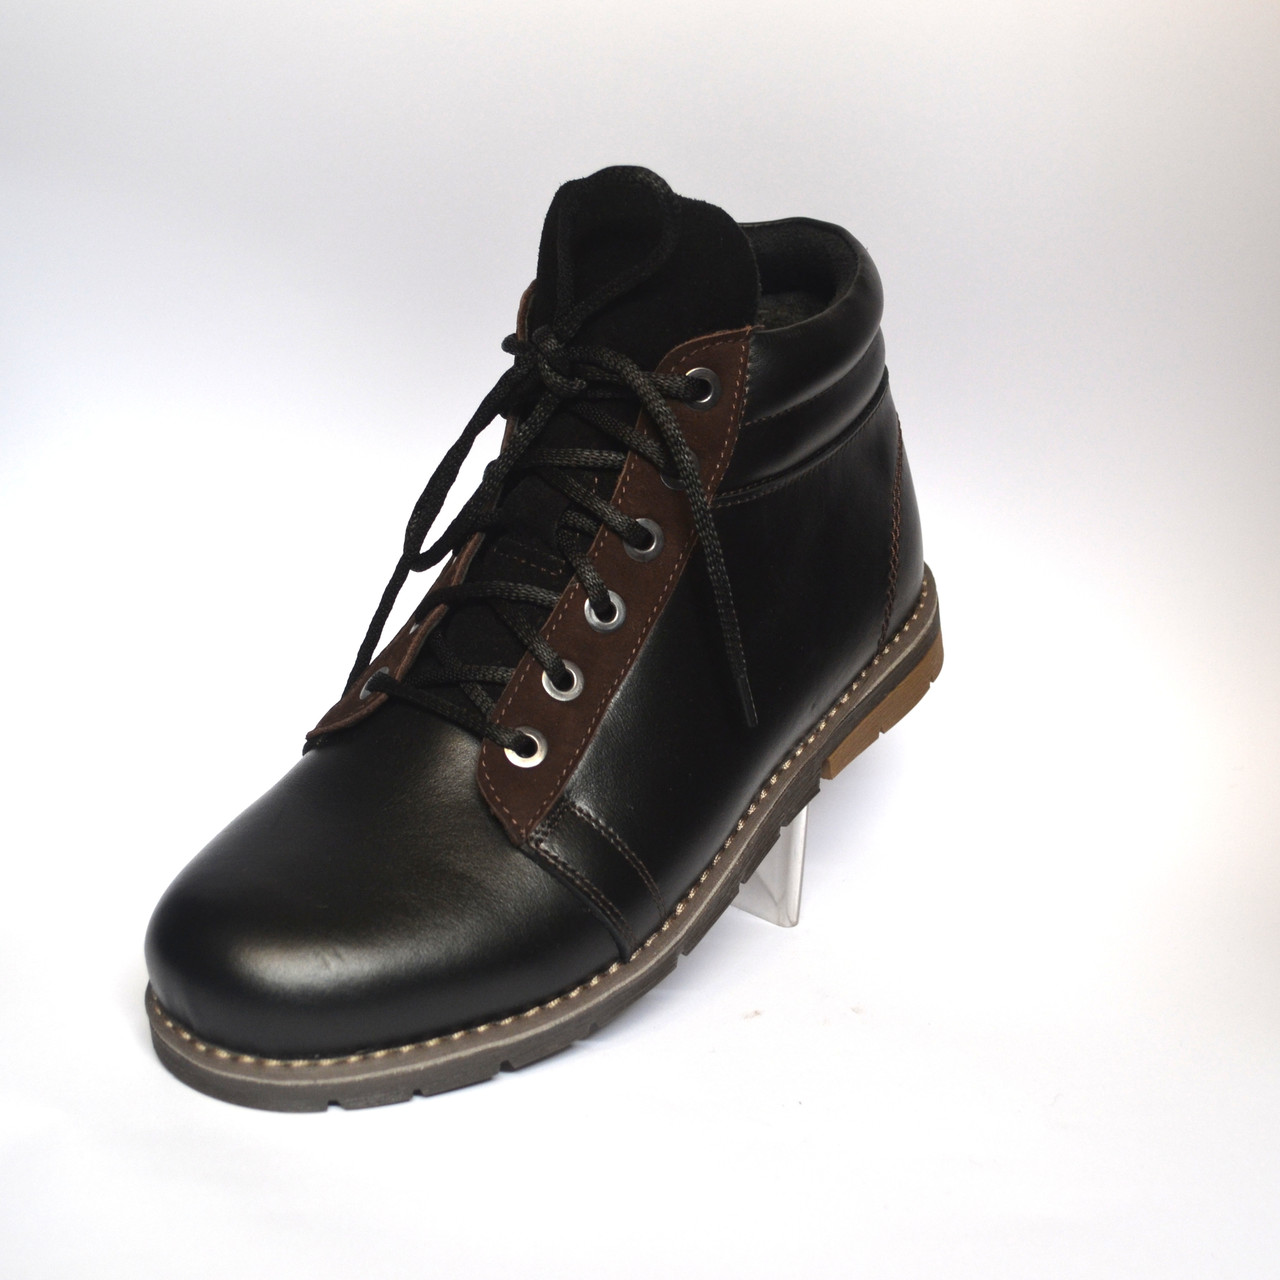 Зимові кросівки чоловічі чорні шкіряні взуття на хутрі Rosso Avangard Bridge Street